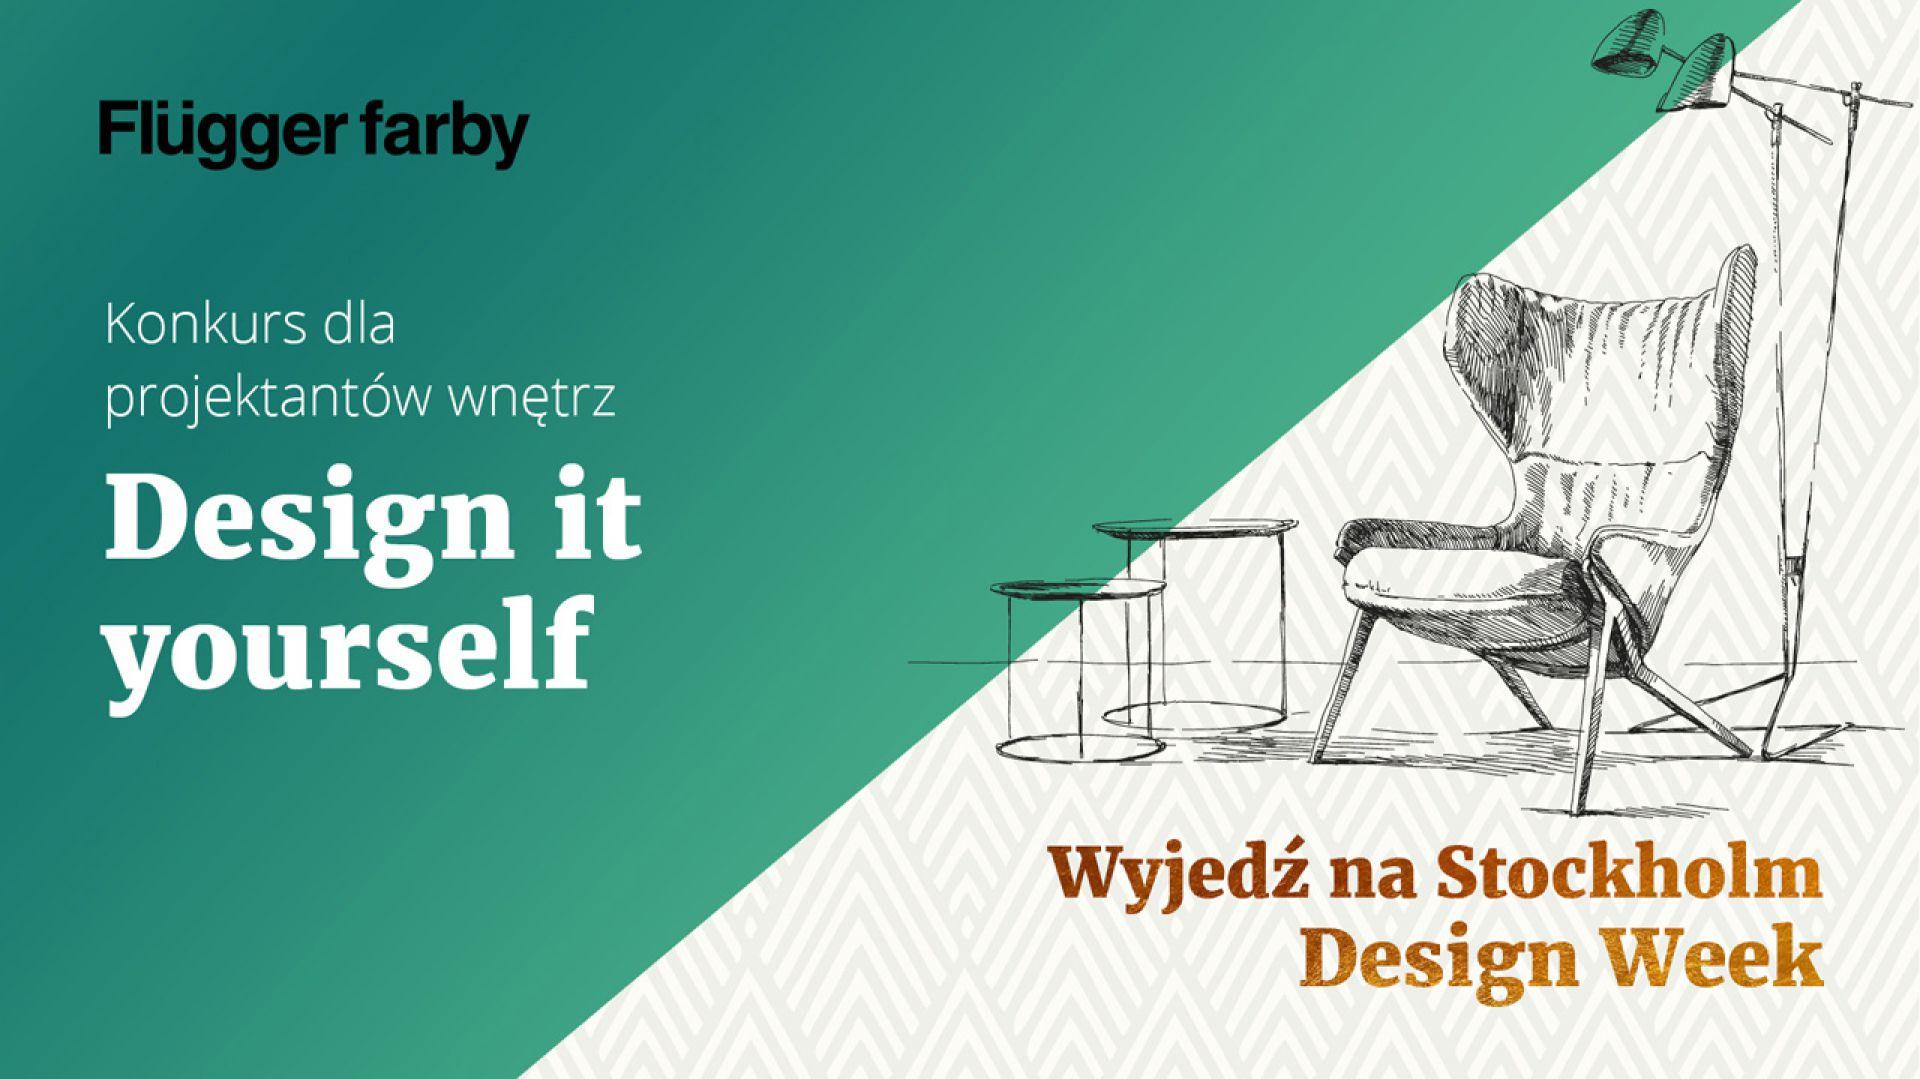 Konkurs dla projektantów i architektów wnętrz Design it yourself